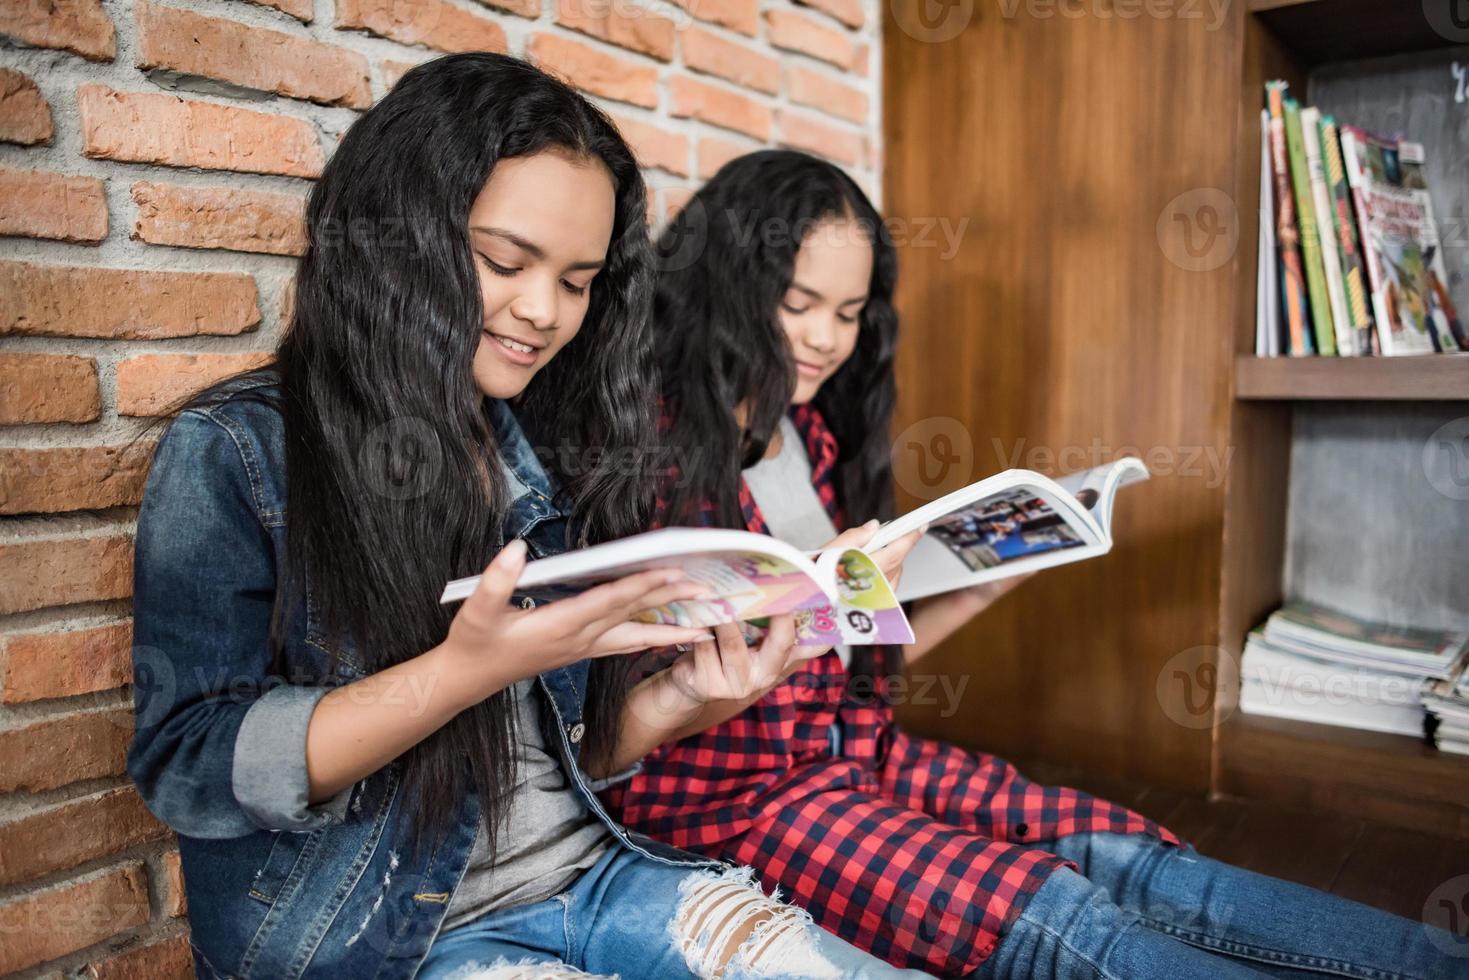 alunas lendo livros na biblioteca foto